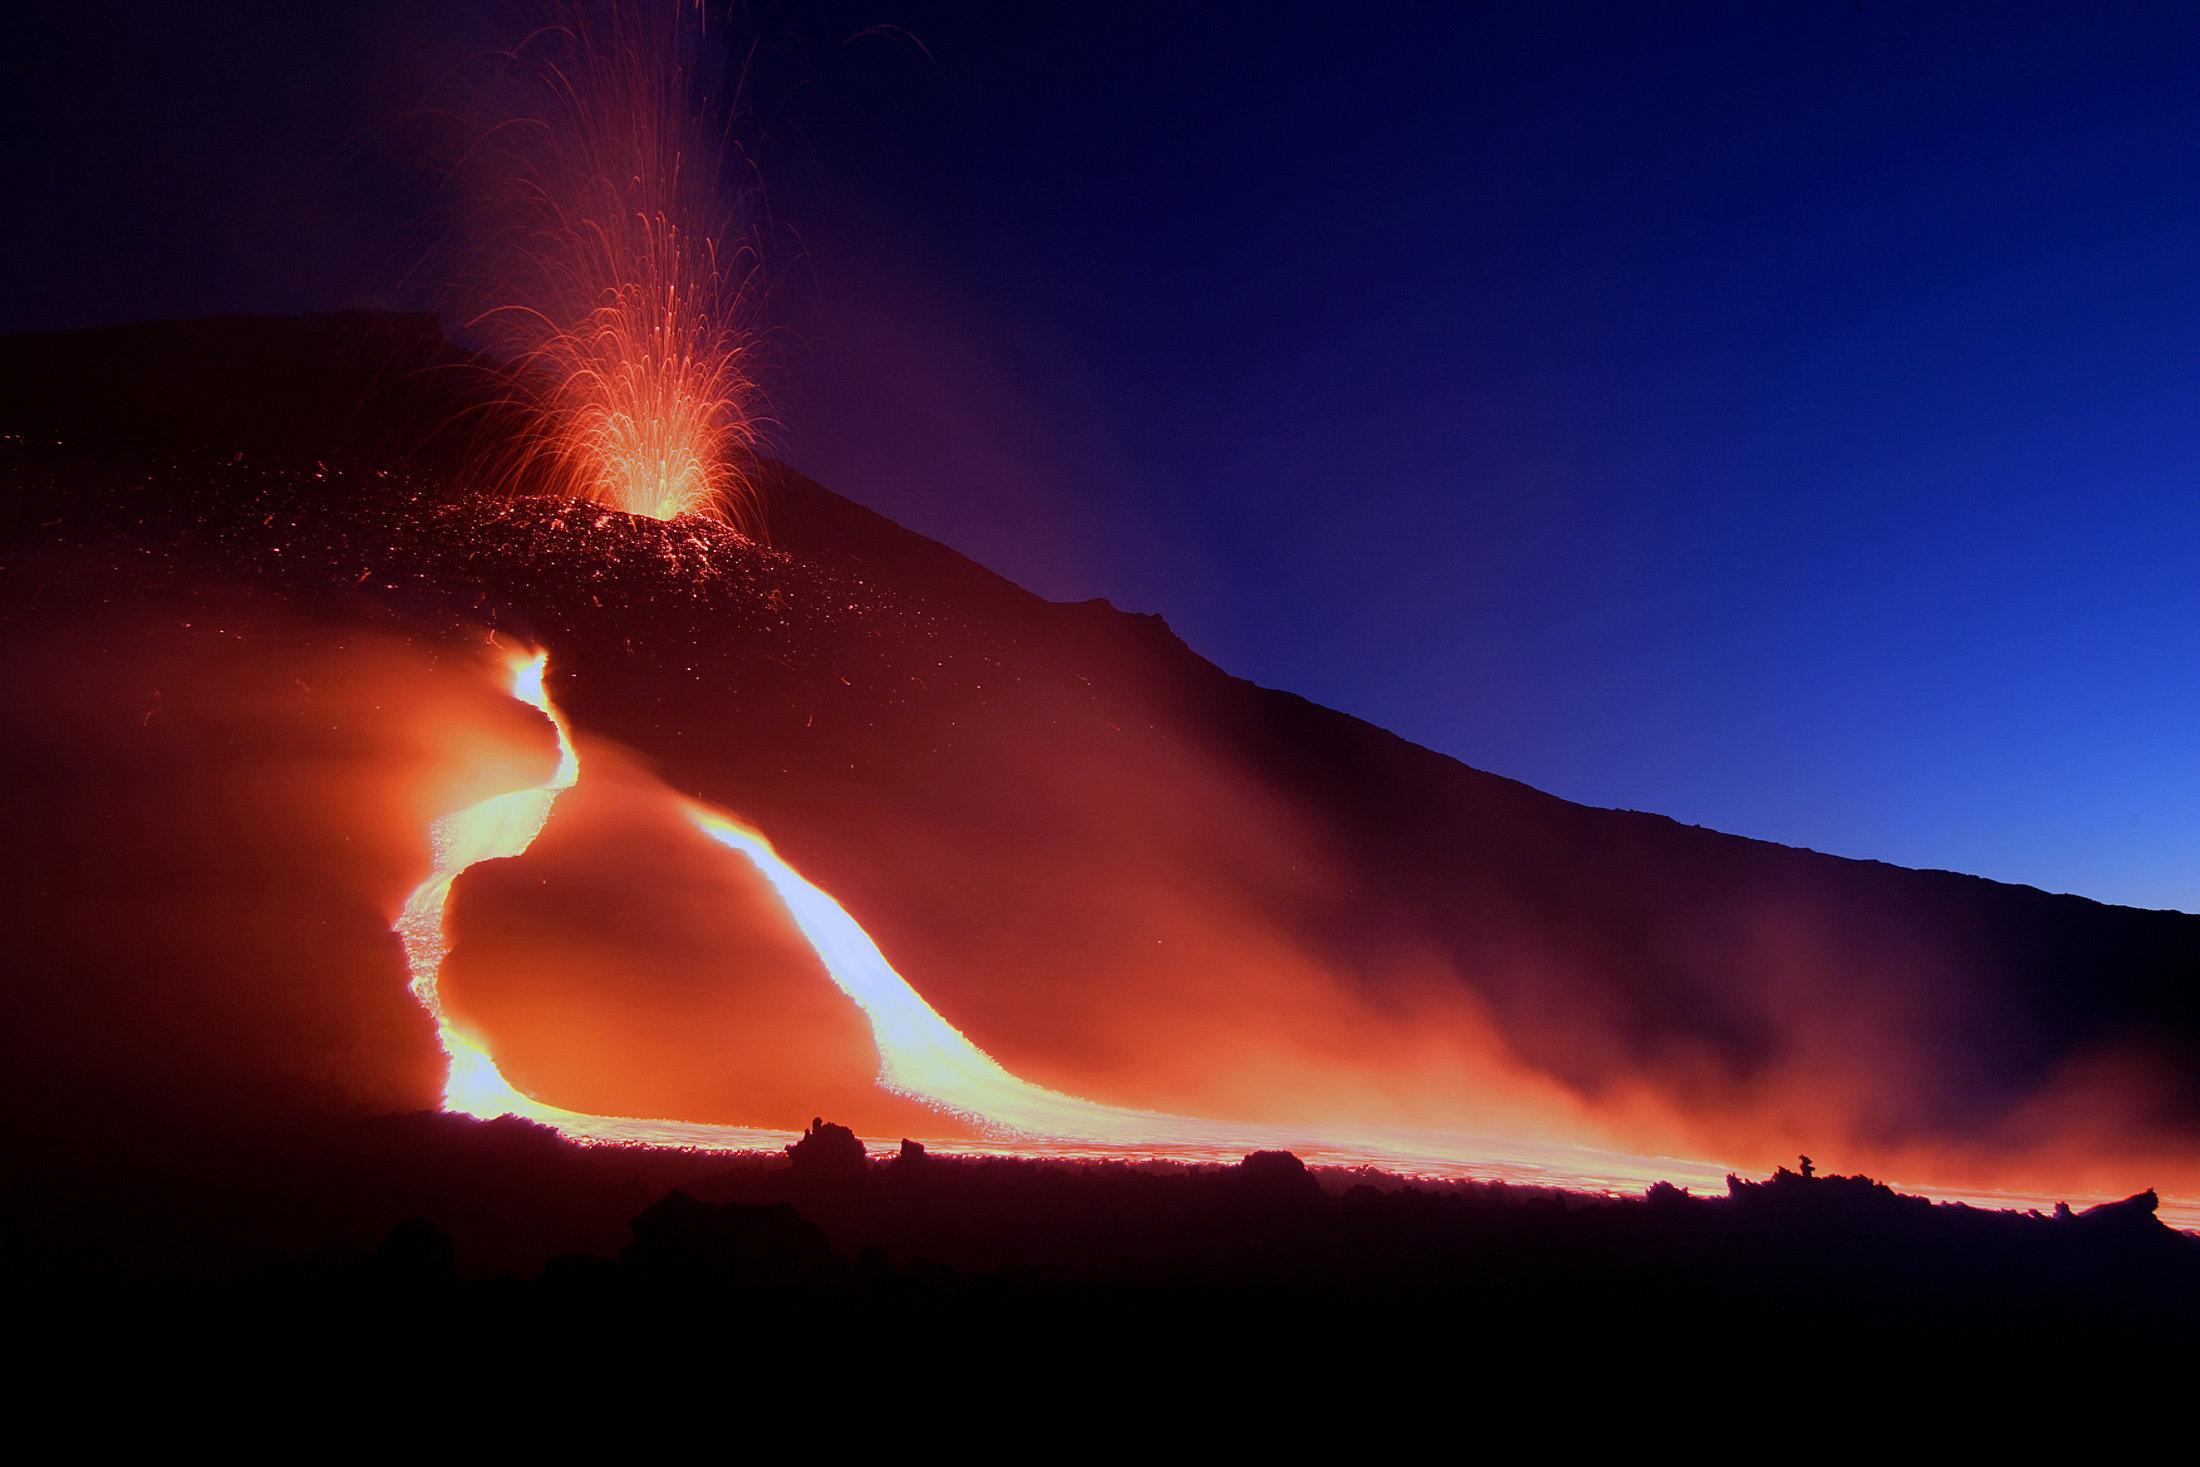 Το ηφαίστειο της Αίτνα καταρρέει γλιστρώντας στο Ιόνιο Πέλαγος με τον κίνδυνο να προκαλέσει τσουνάμι